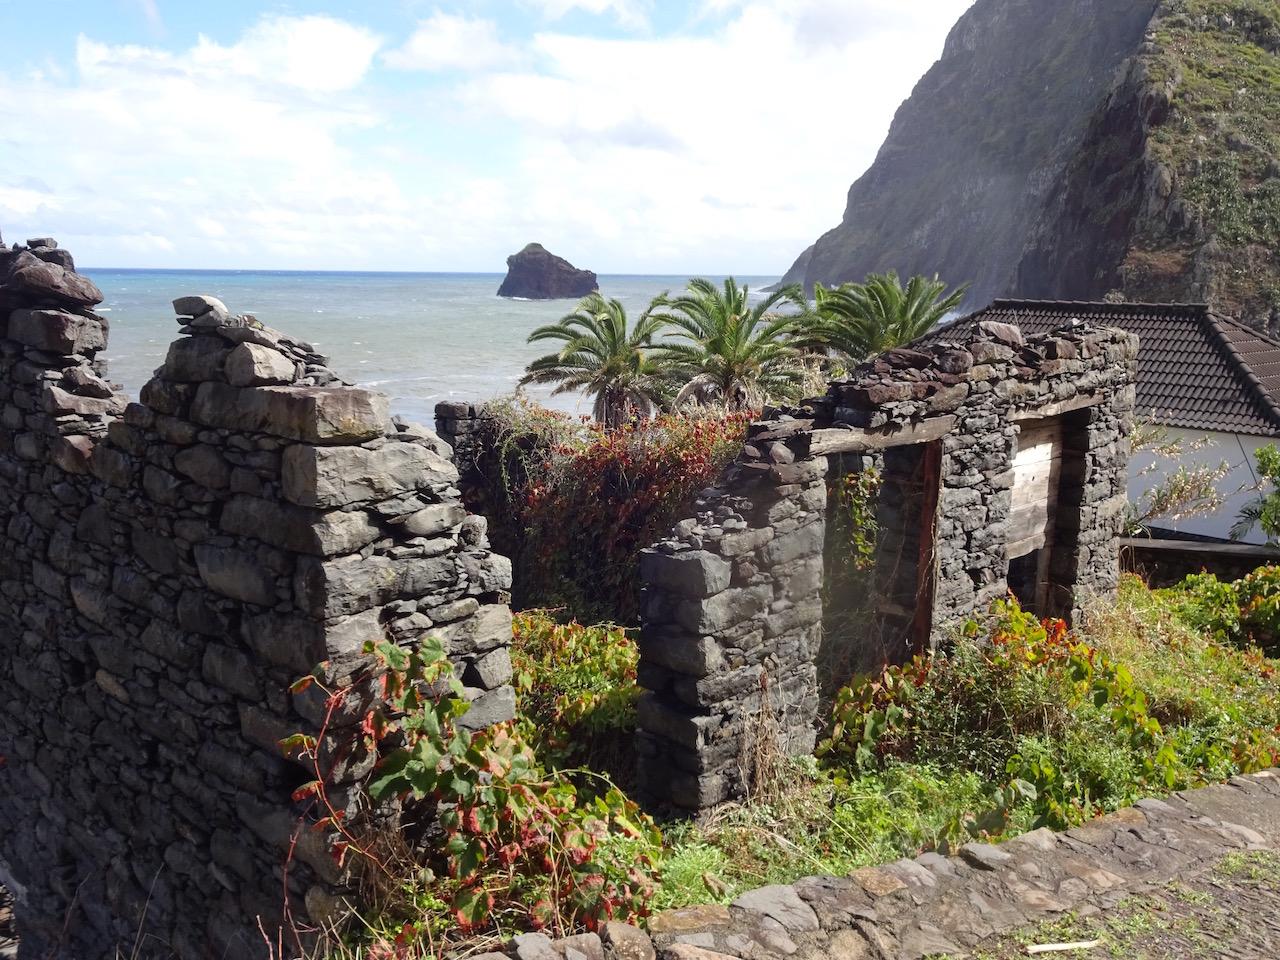 Blick auf den Atlantik an der Nordküste Madeiras